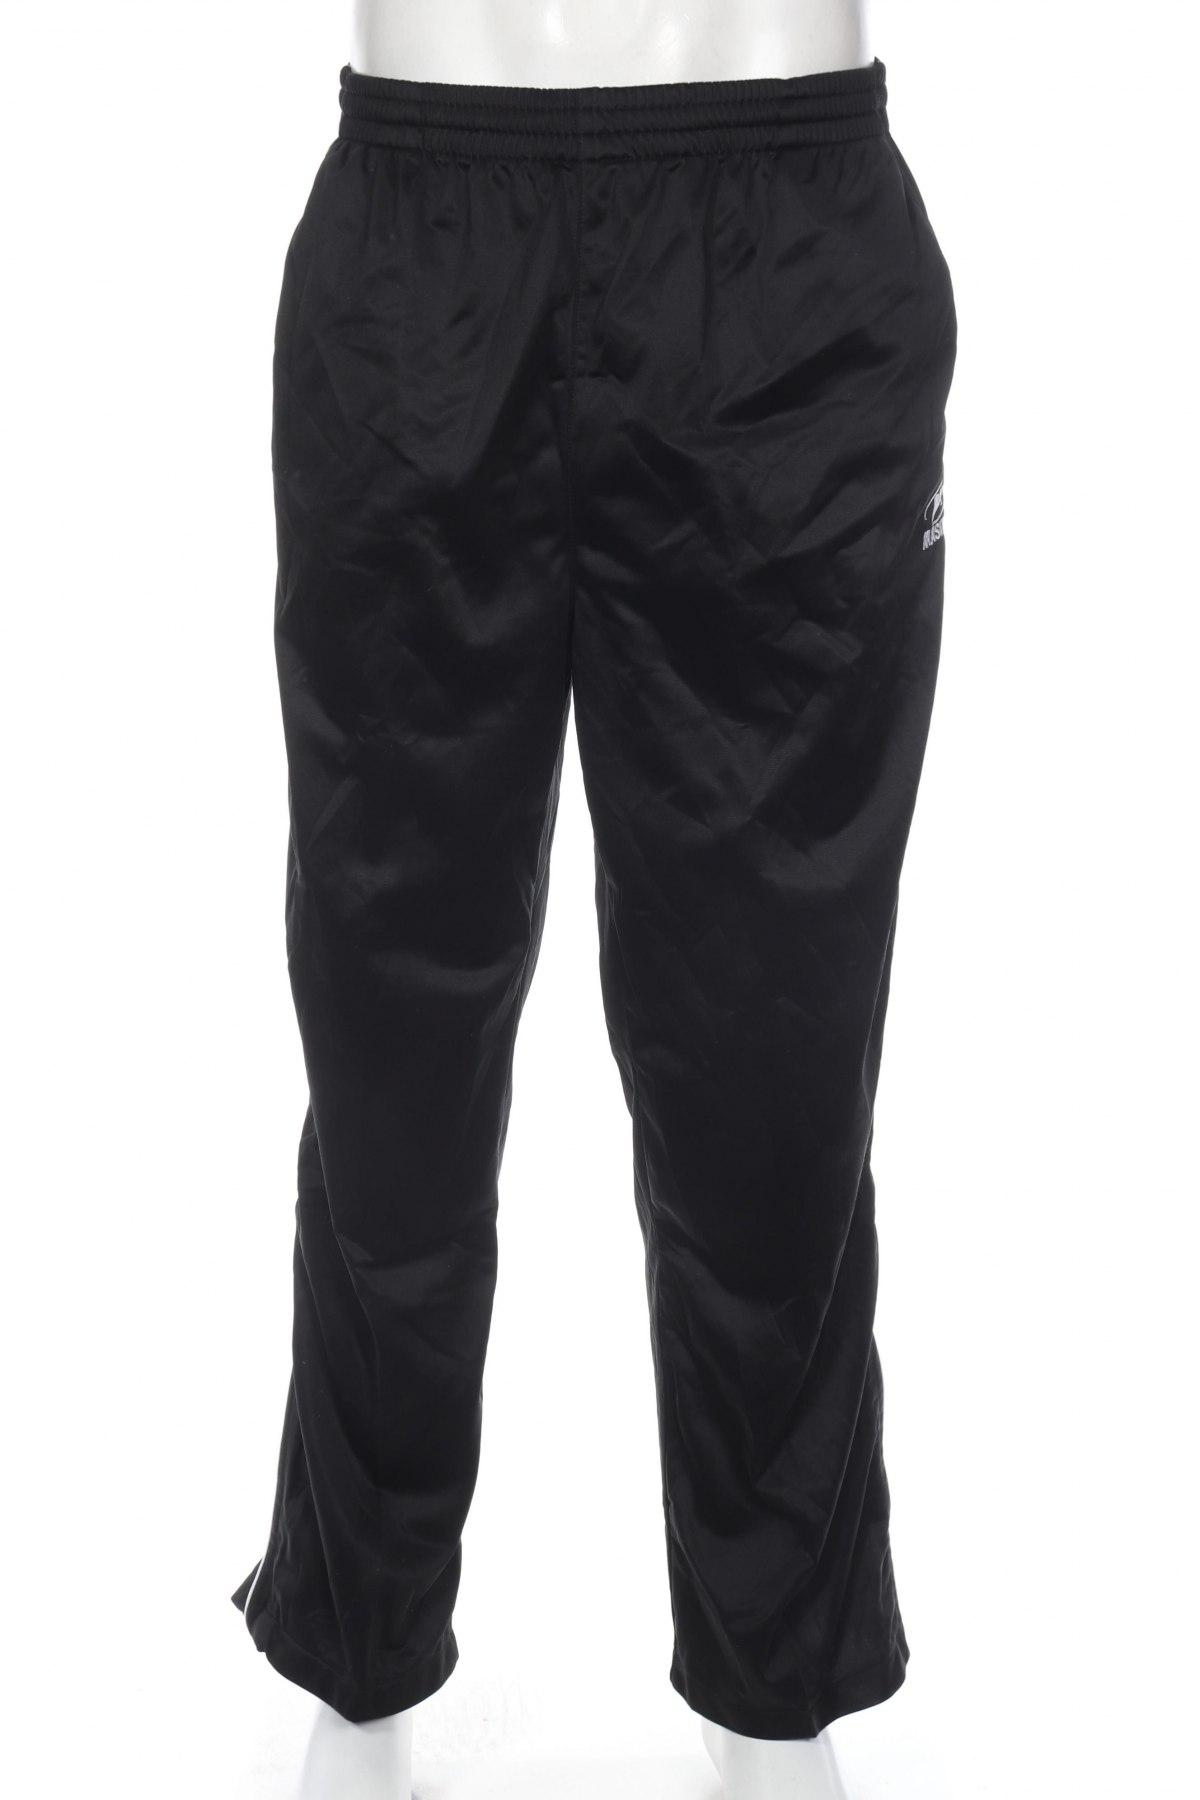 Мъжко спортно долнище Masita, Размер L, Цвят Черен, Полиестер, Цена 16,45лв.